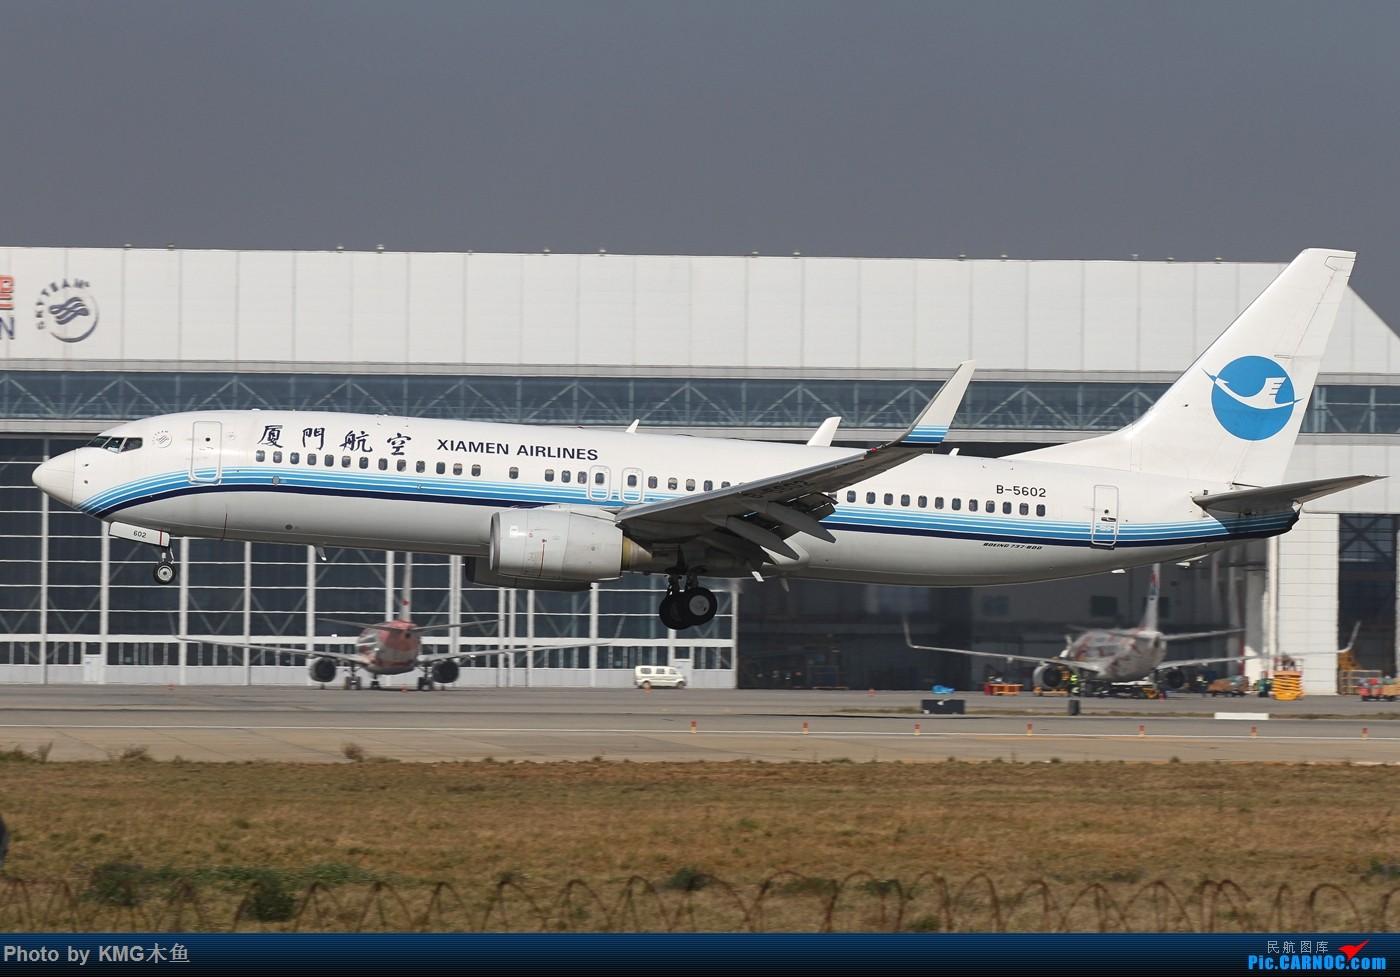 Re:[原创]【KMG昆明长水国际机场】好天气,拍到了好灰机,愉快的一天 BOEING 737-800 B-5602 中国昆明长水国际机场